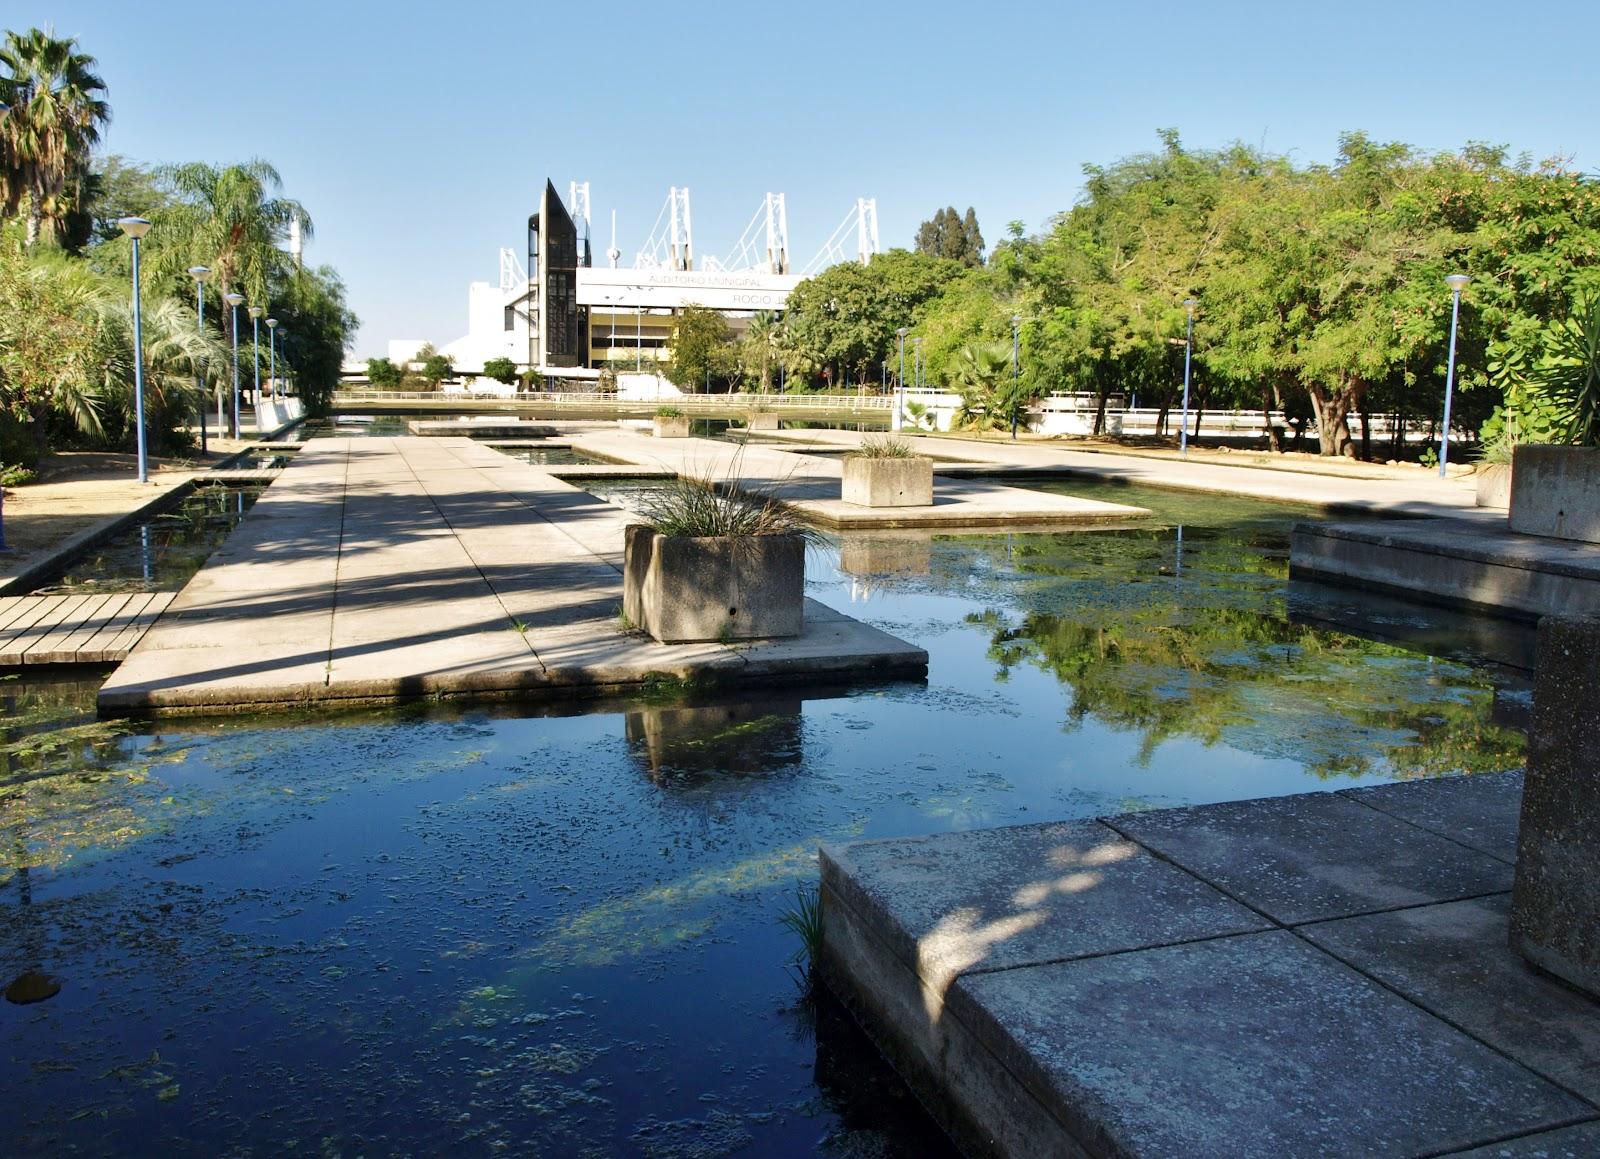 Sevilla daily photo 1 09 12 1 10 12 for Jardin americano sevilla